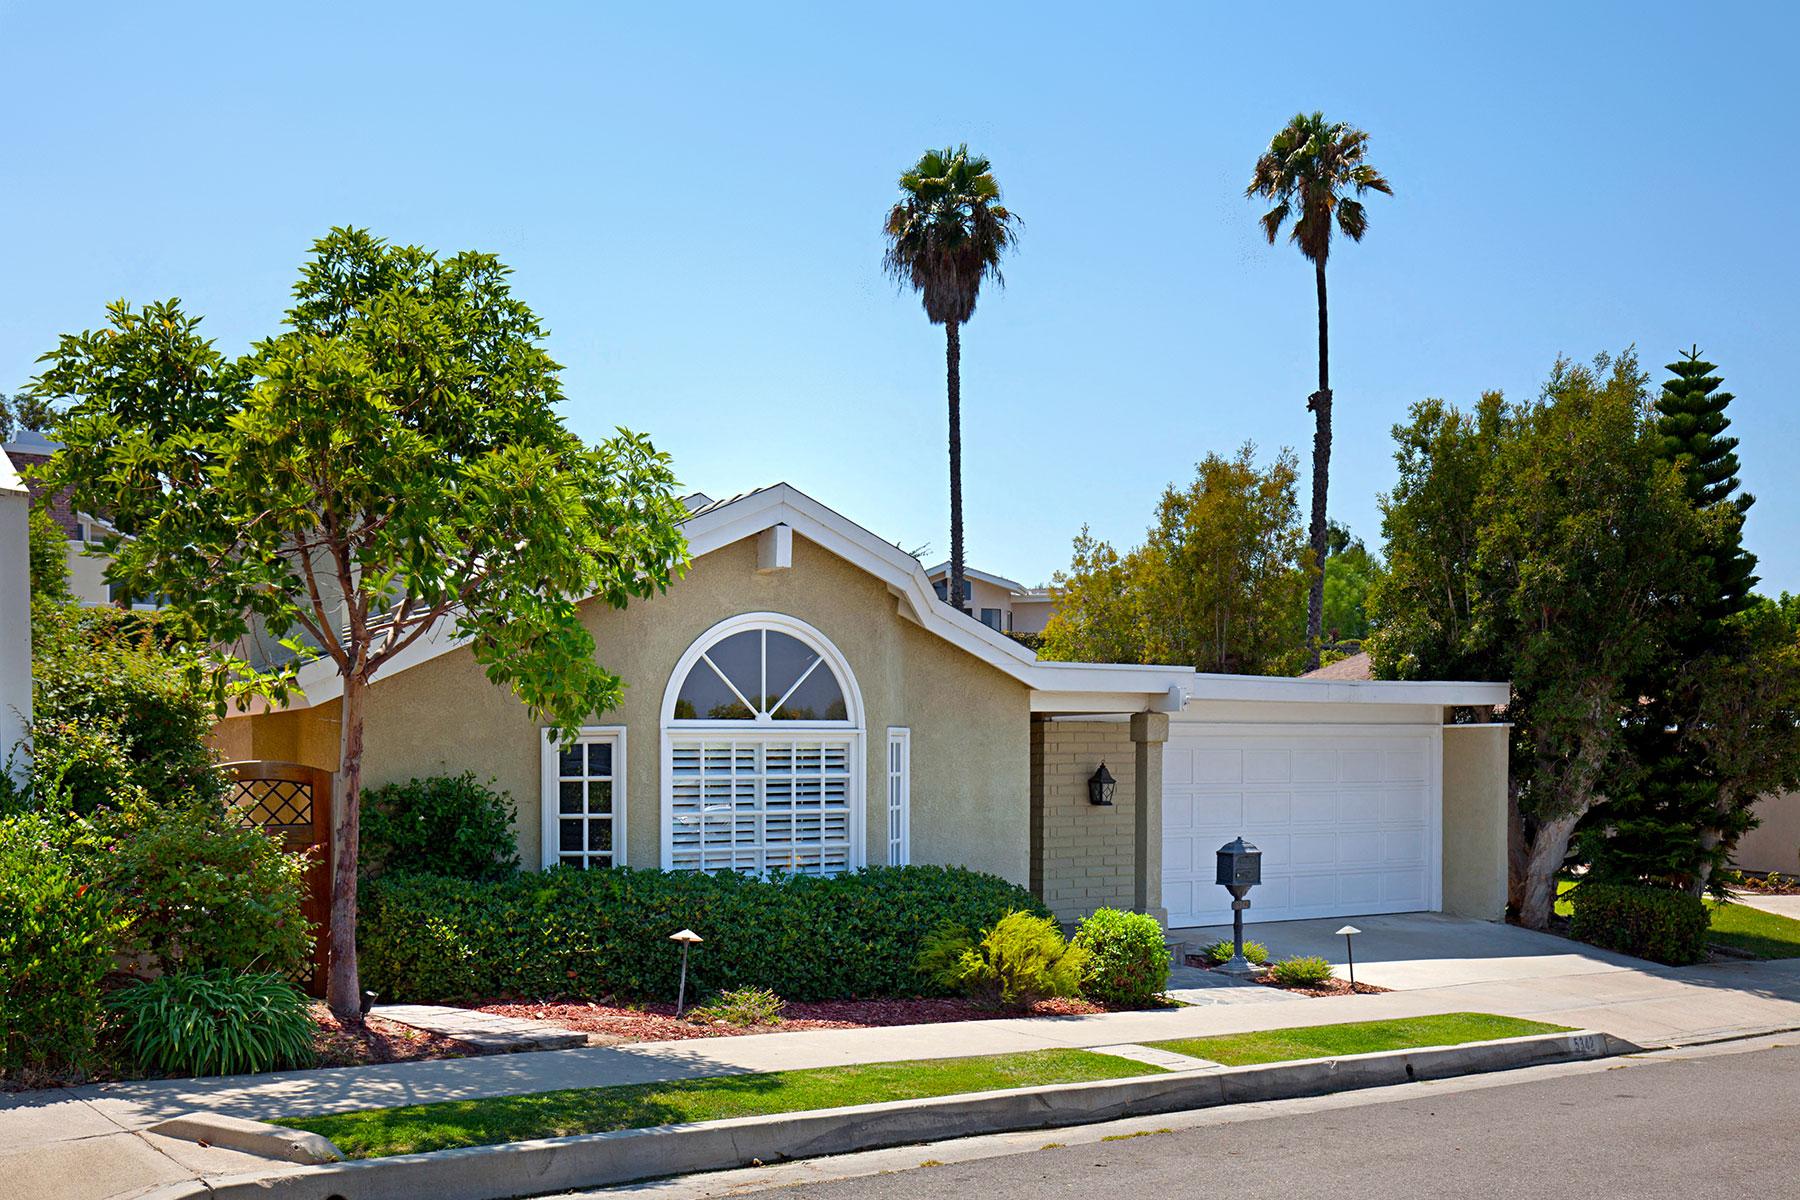 Single Family Home for Sale at 5342 Blinn Lane Irvine, California 92603 United States